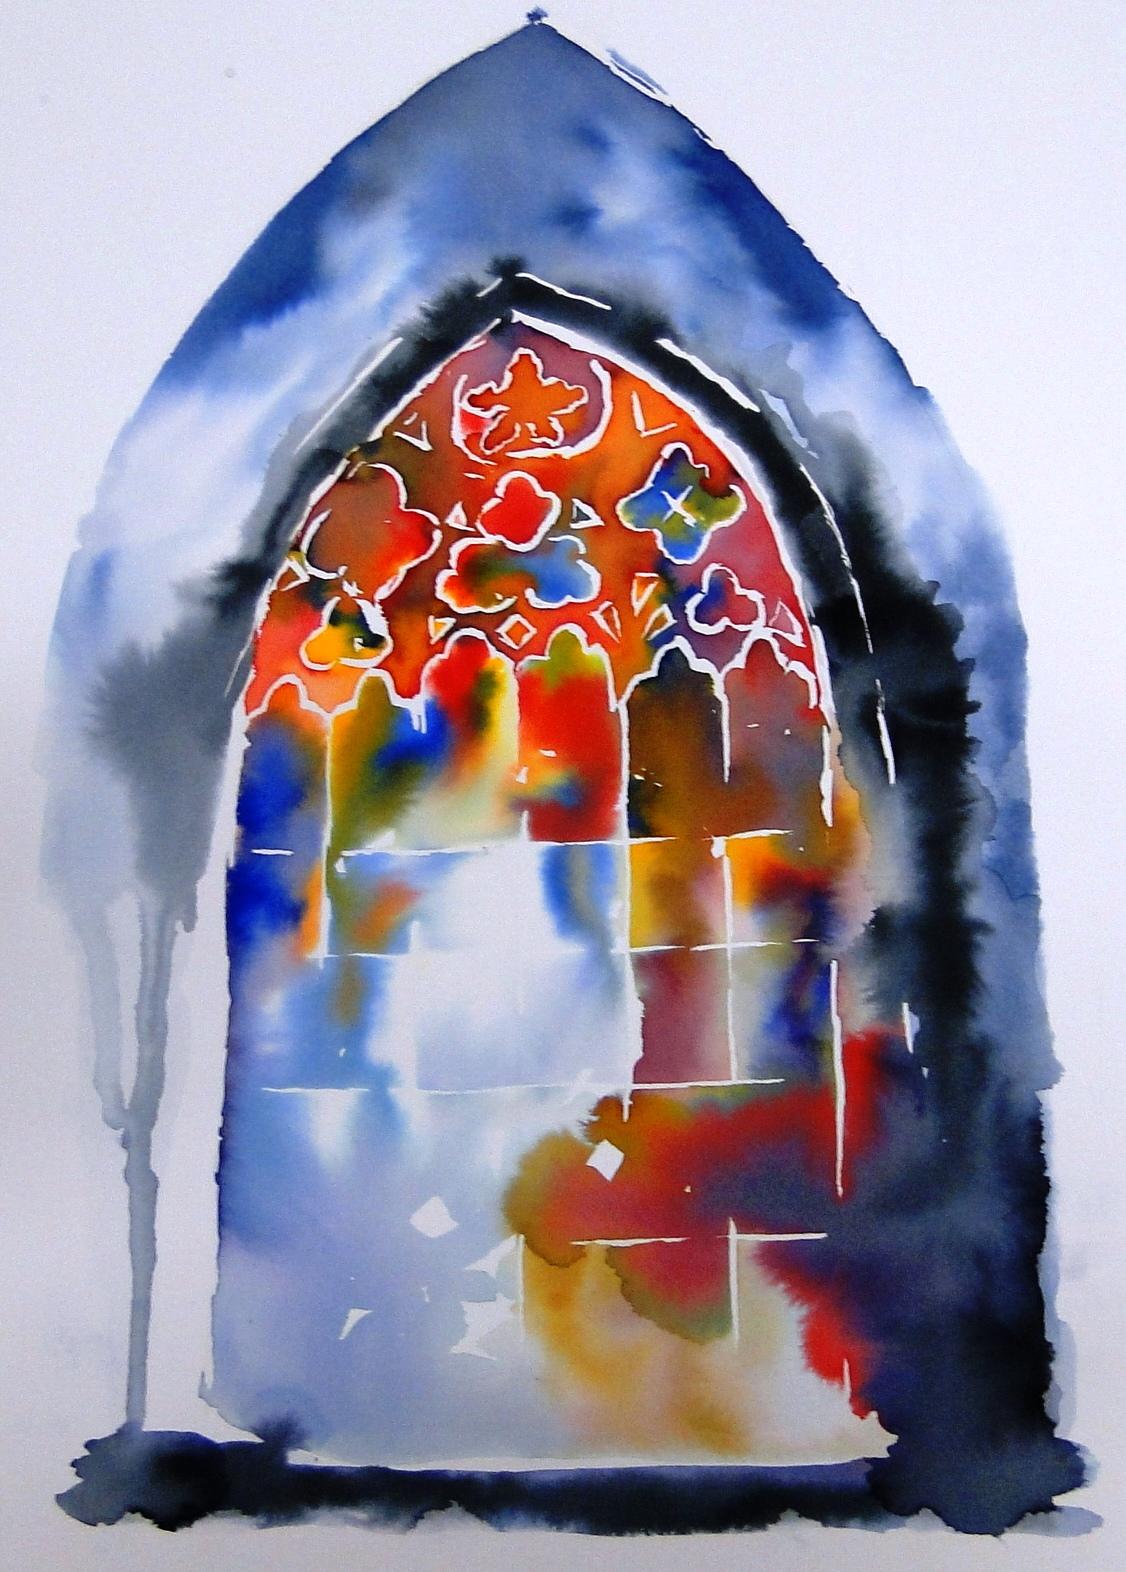 dfb0afaddc995 MUSEU DE ARTE SACRA EXPÕE AQUARELAS COM TEMAS RELIGIOSOS